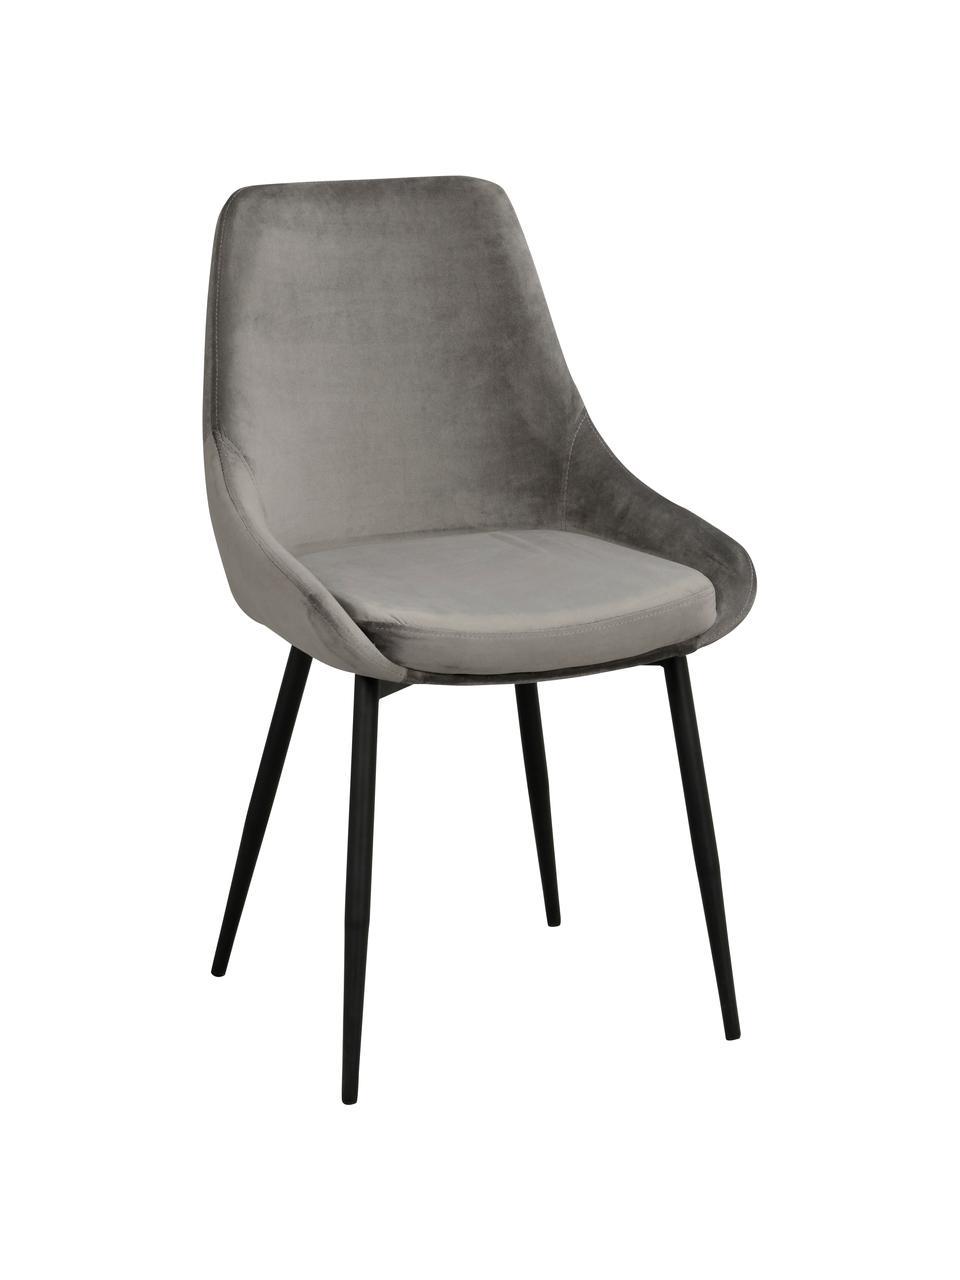 Chaise rembourrée en velours Sierra, 2pièces, Gris, noir